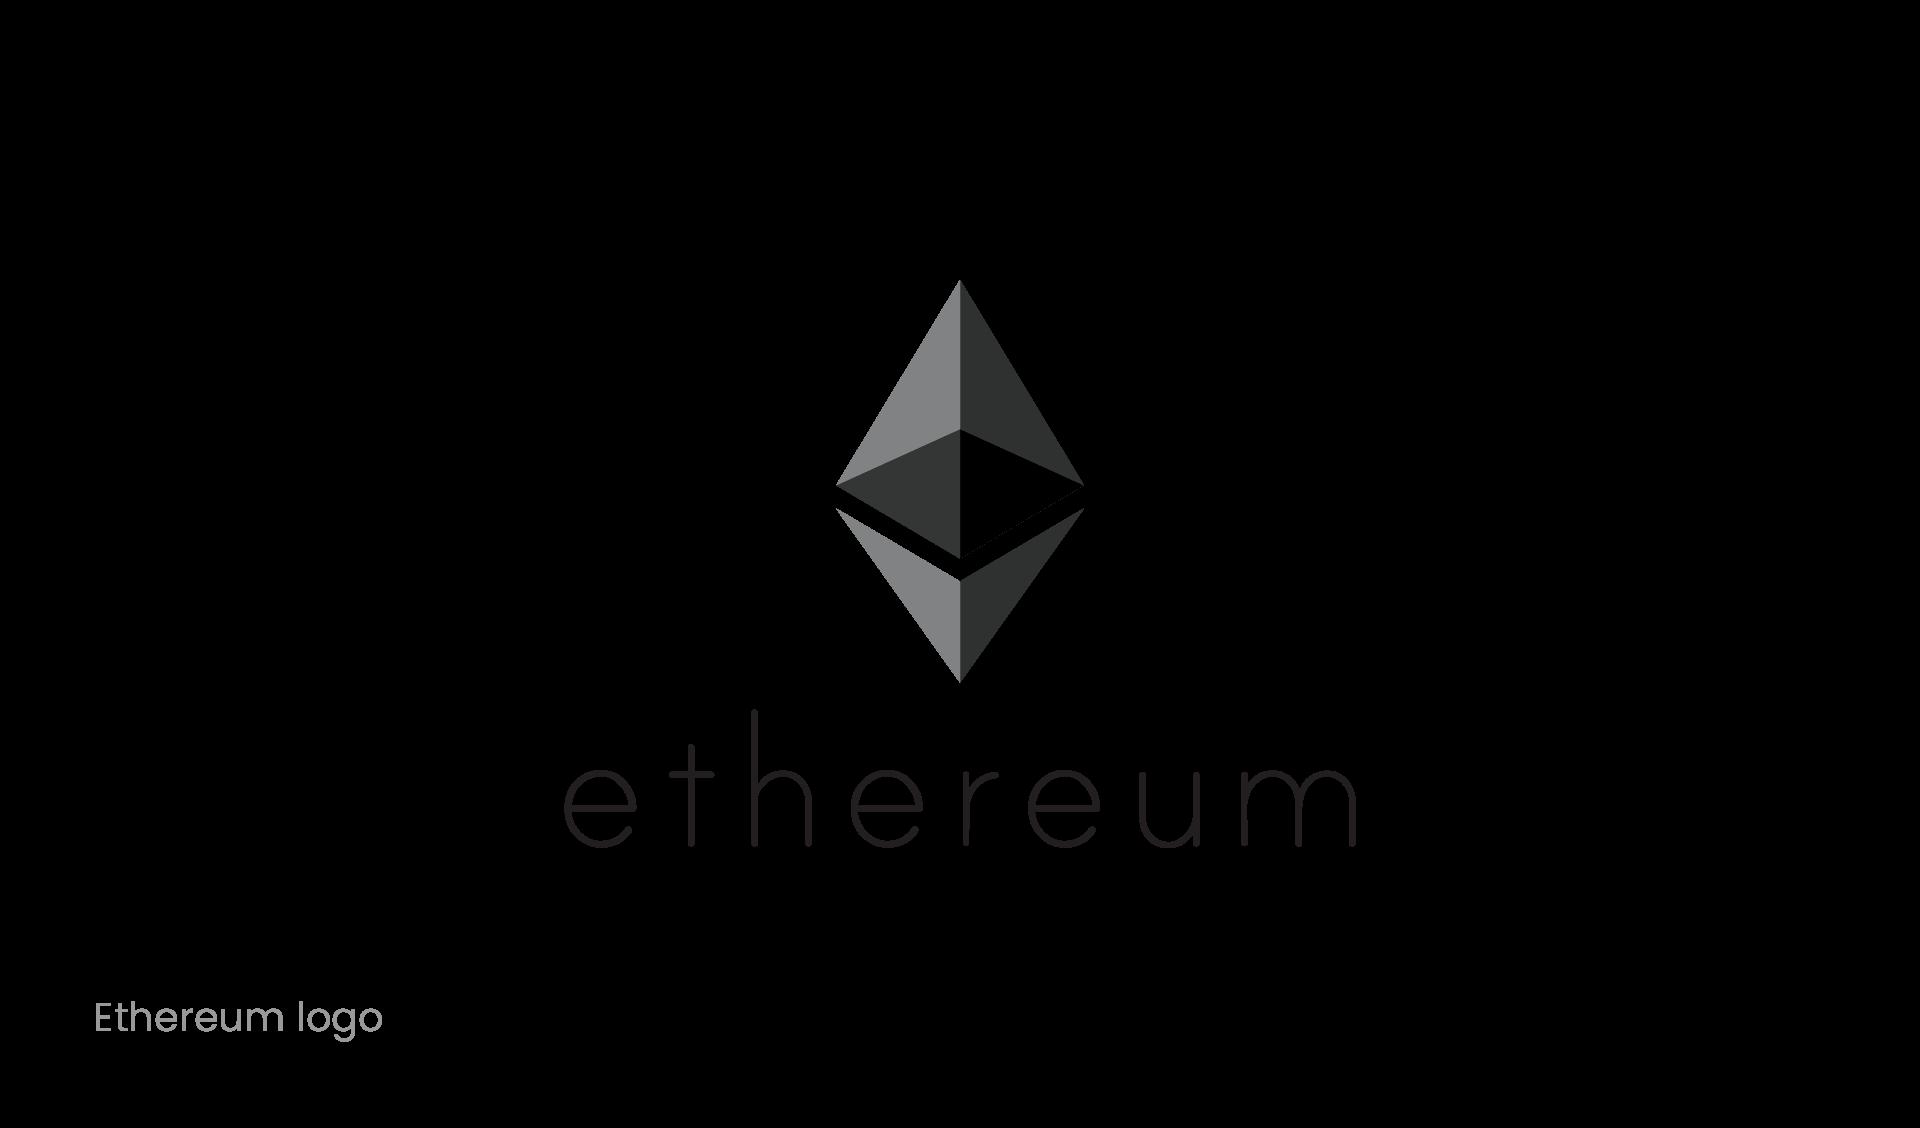 ethereum (eth) logo transparent